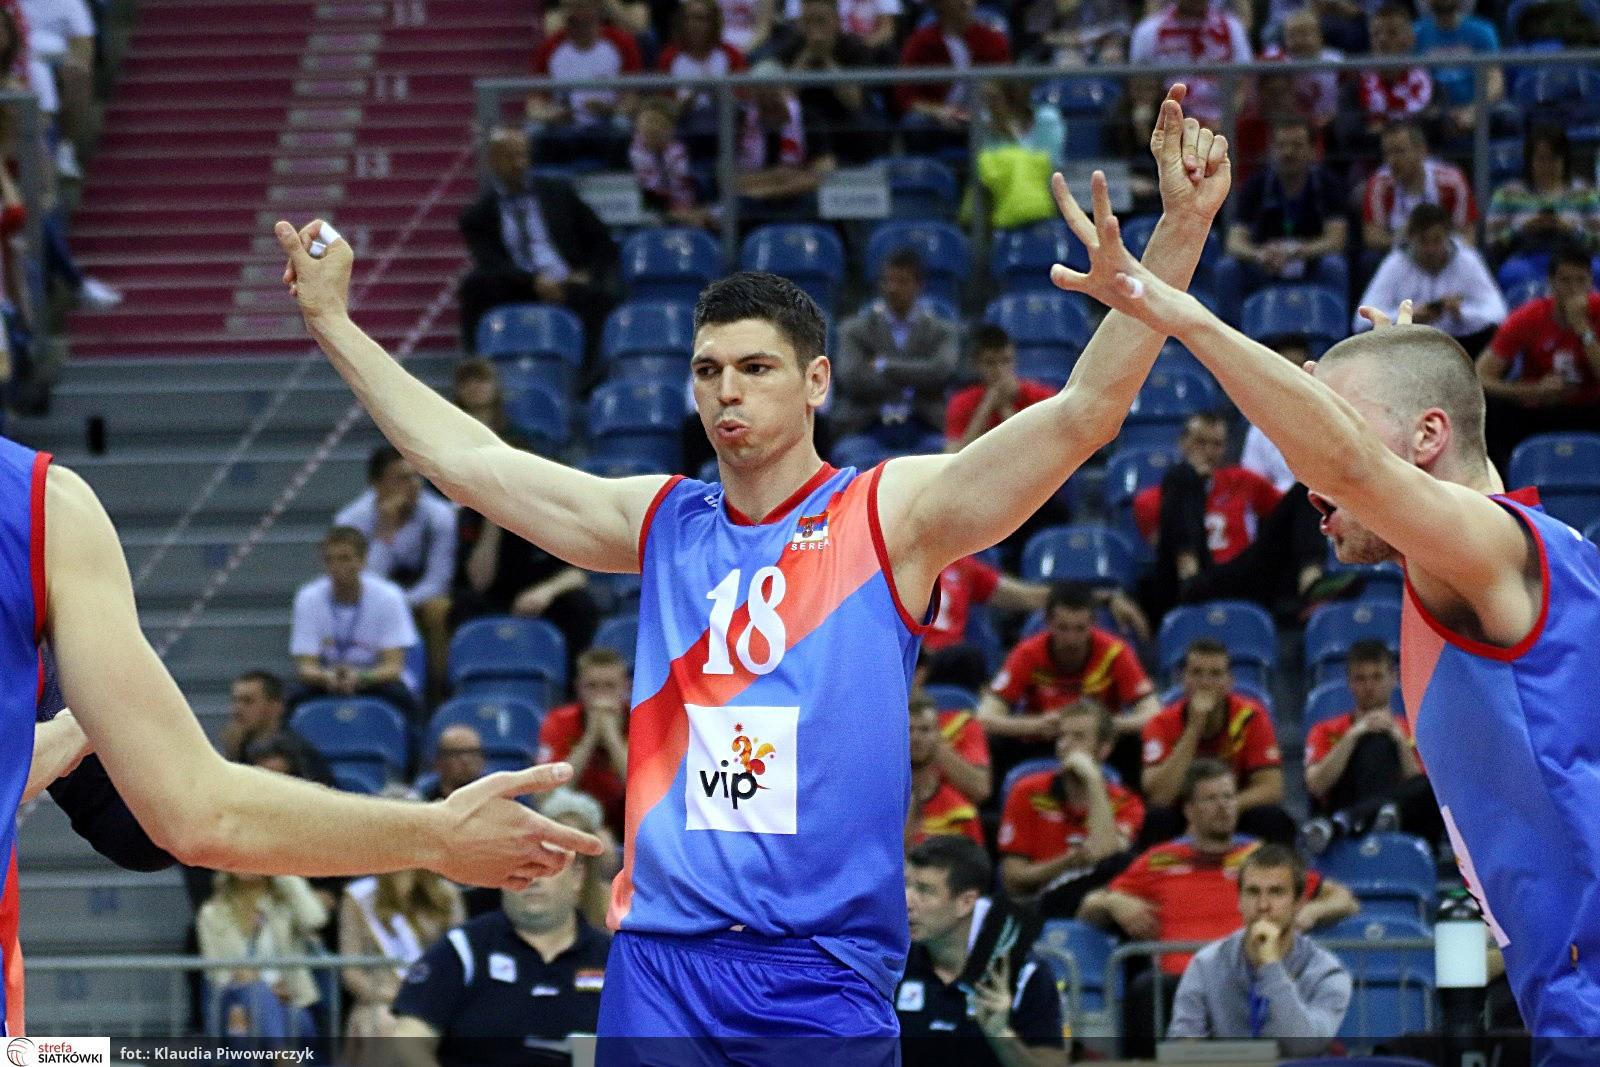 Marko Podrascanin